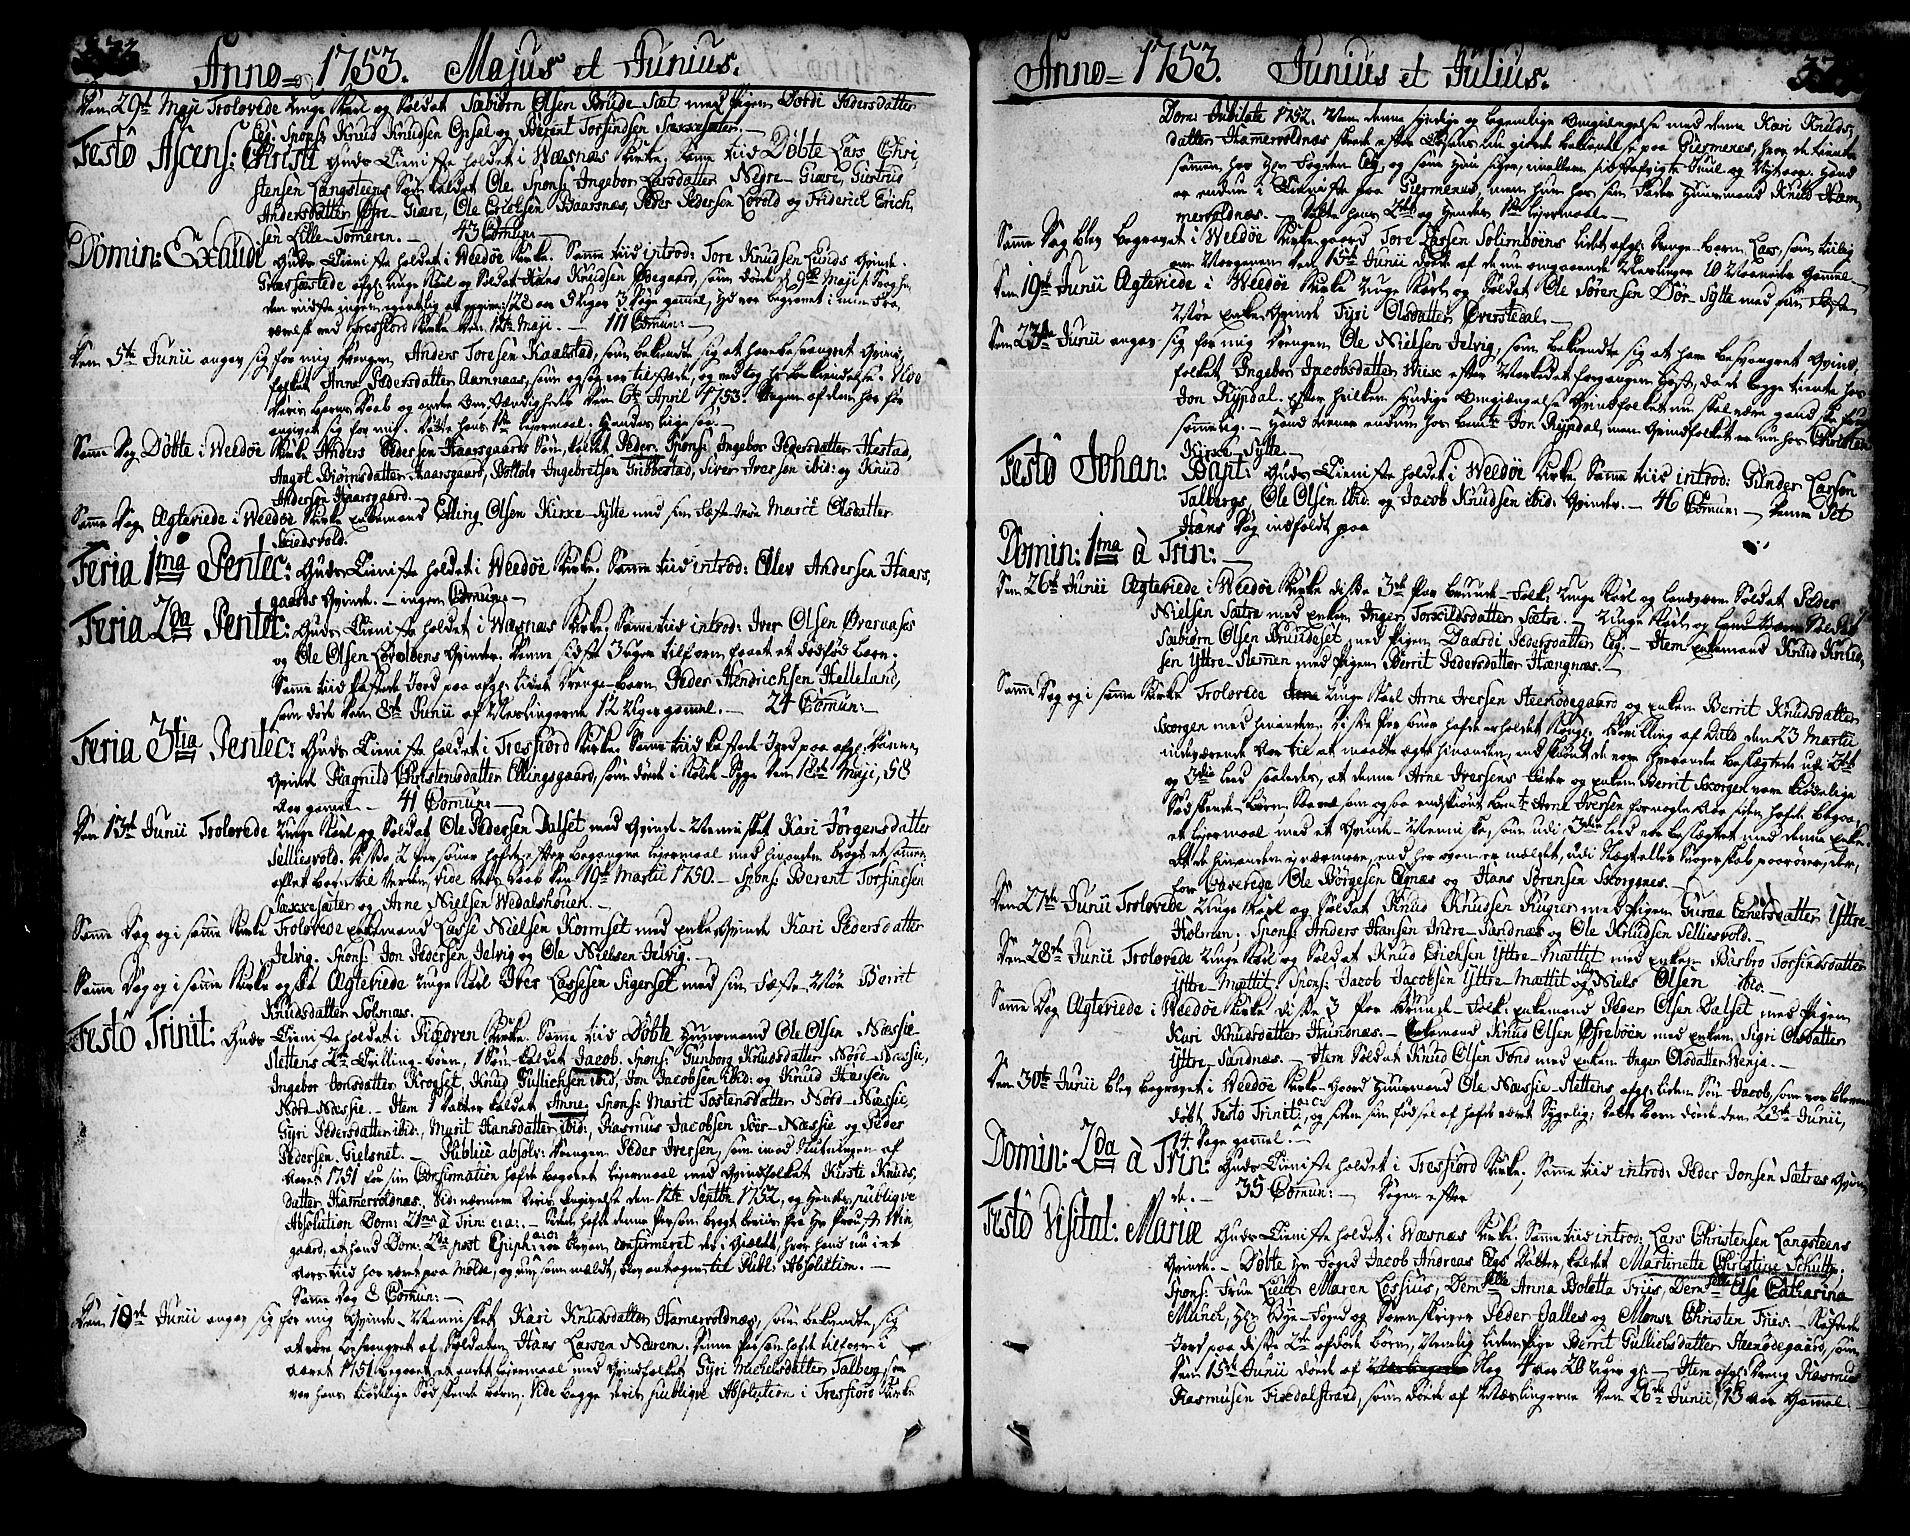 SAT, Ministerialprotokoller, klokkerbøker og fødselsregistre - Møre og Romsdal, 547/L0599: Ministerialbok nr. 547A01, 1721-1764, s. 373-374